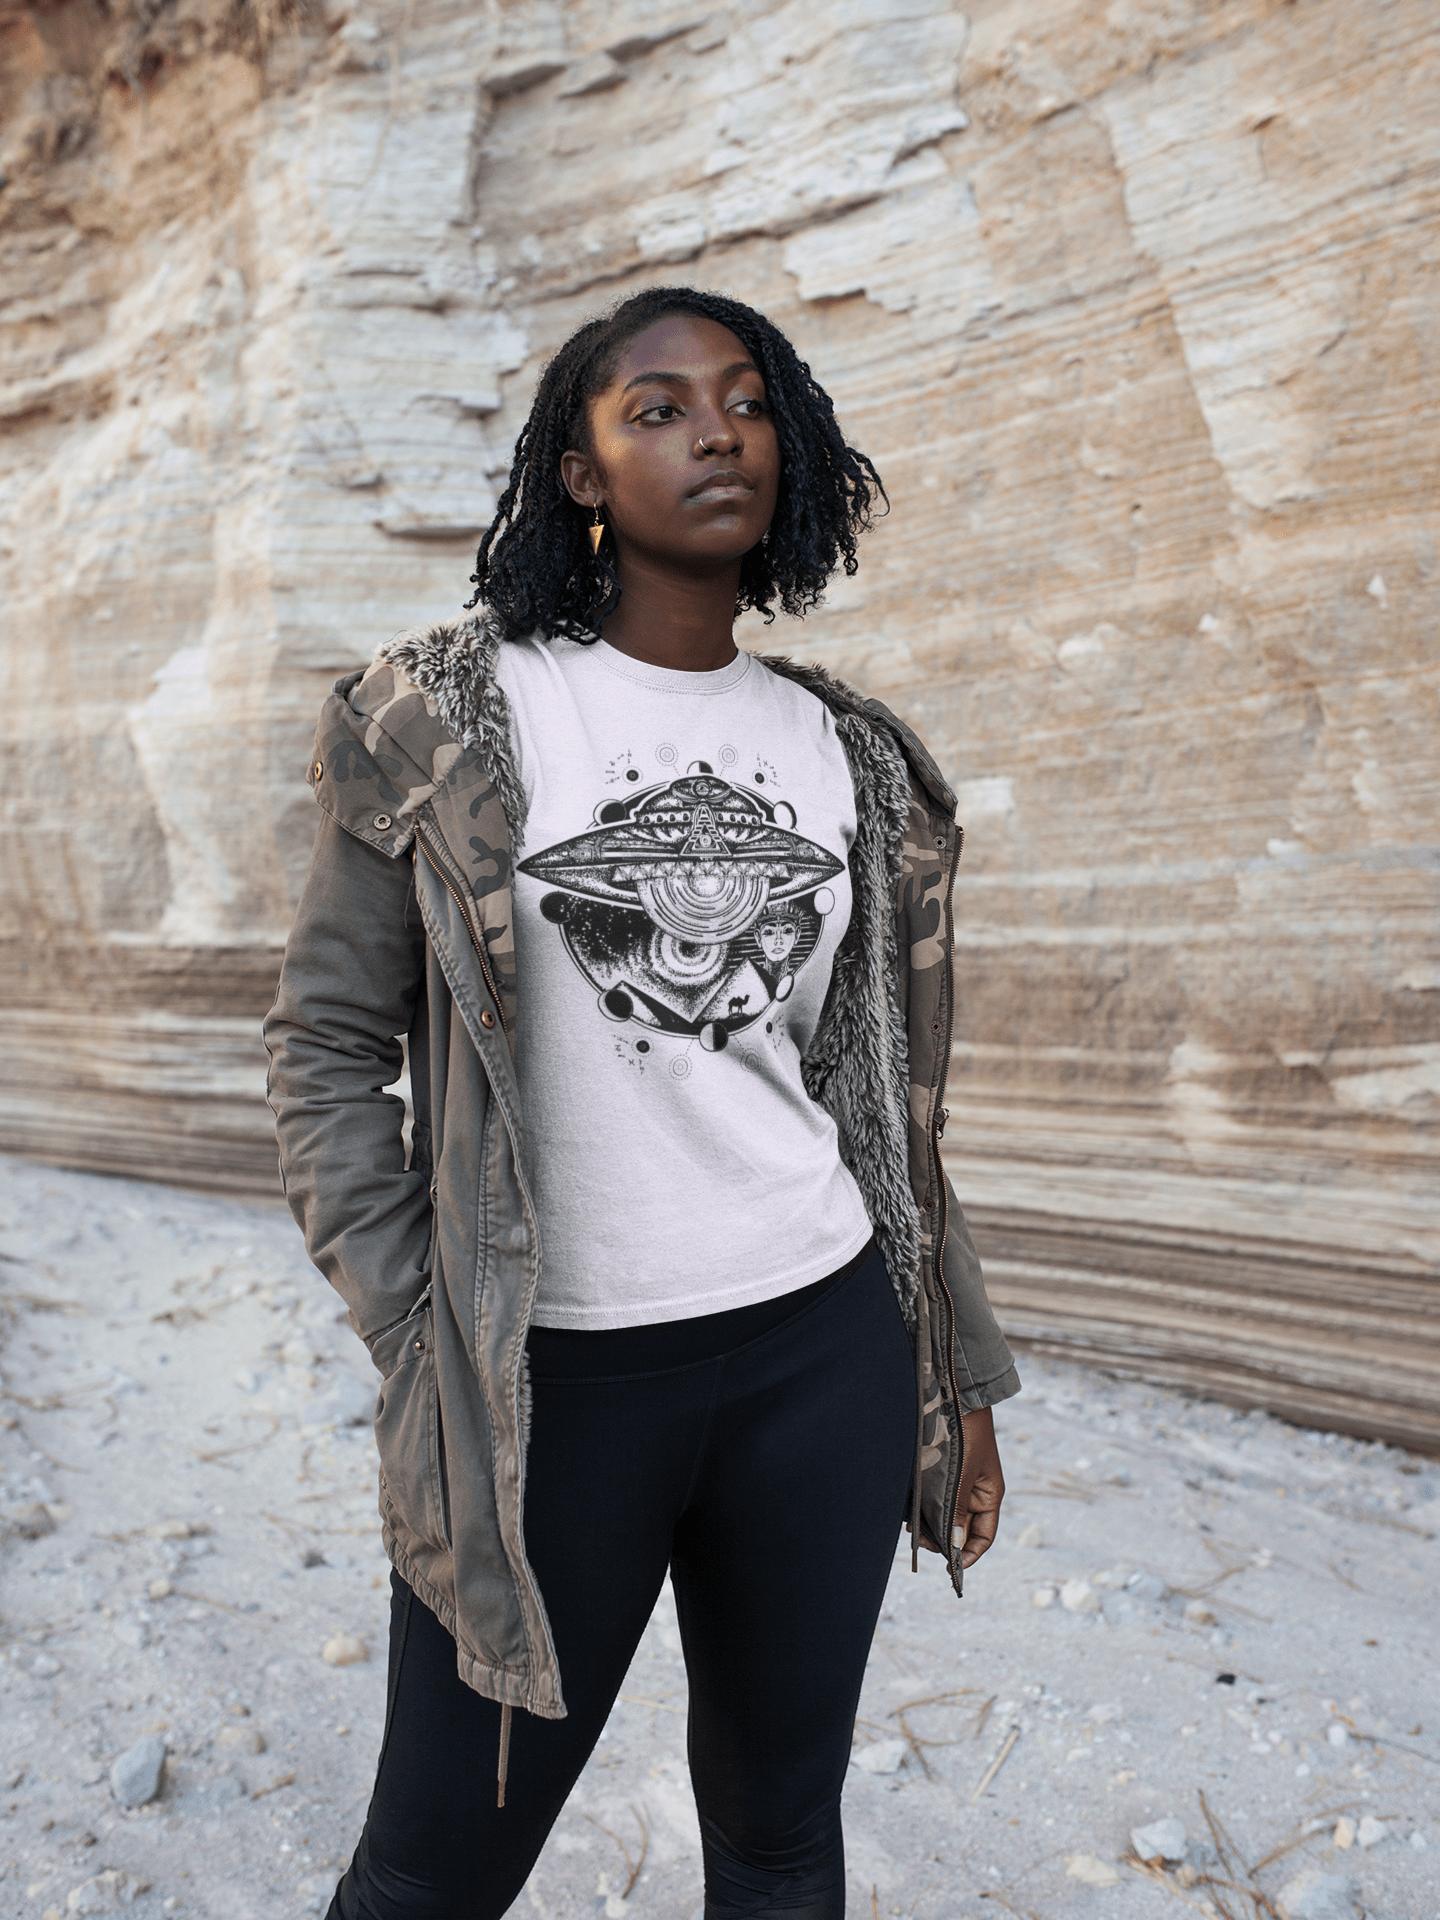 girl-visiting-a-canyon-wearing-a-tshirt-mockup-a18565